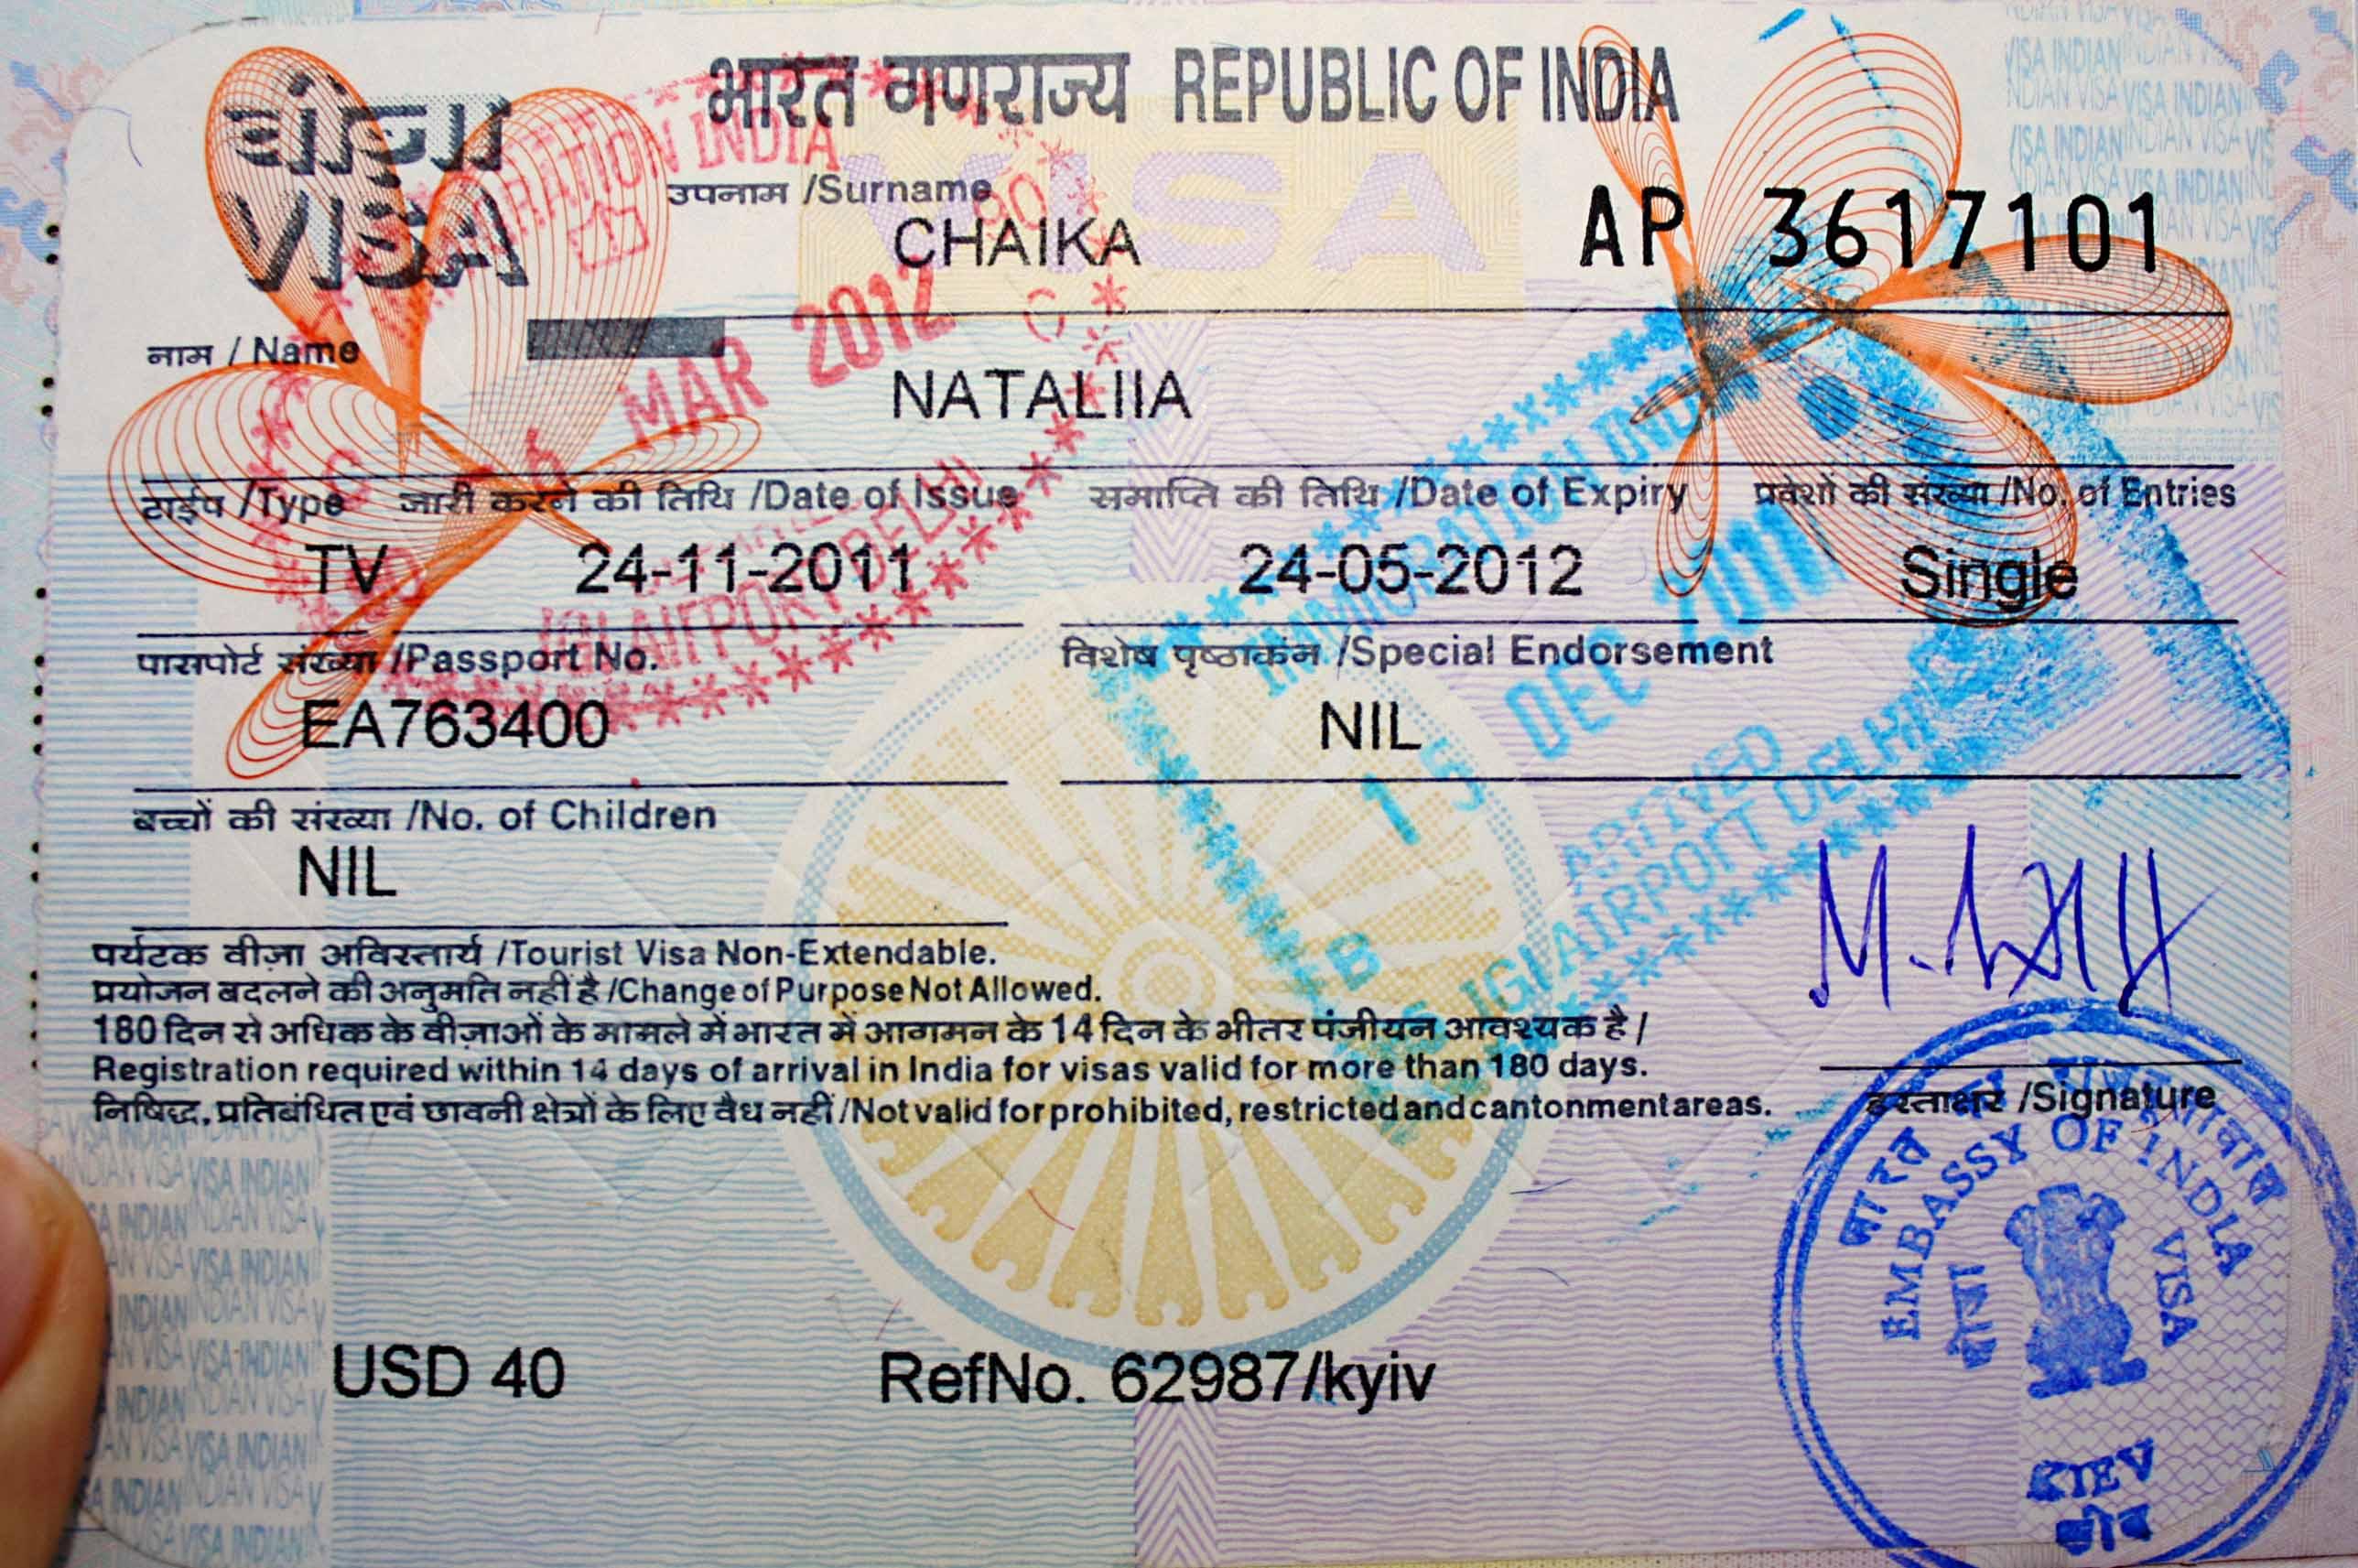 Виза в индию — оформление визы в индию самостоятельно: документы и стоимость